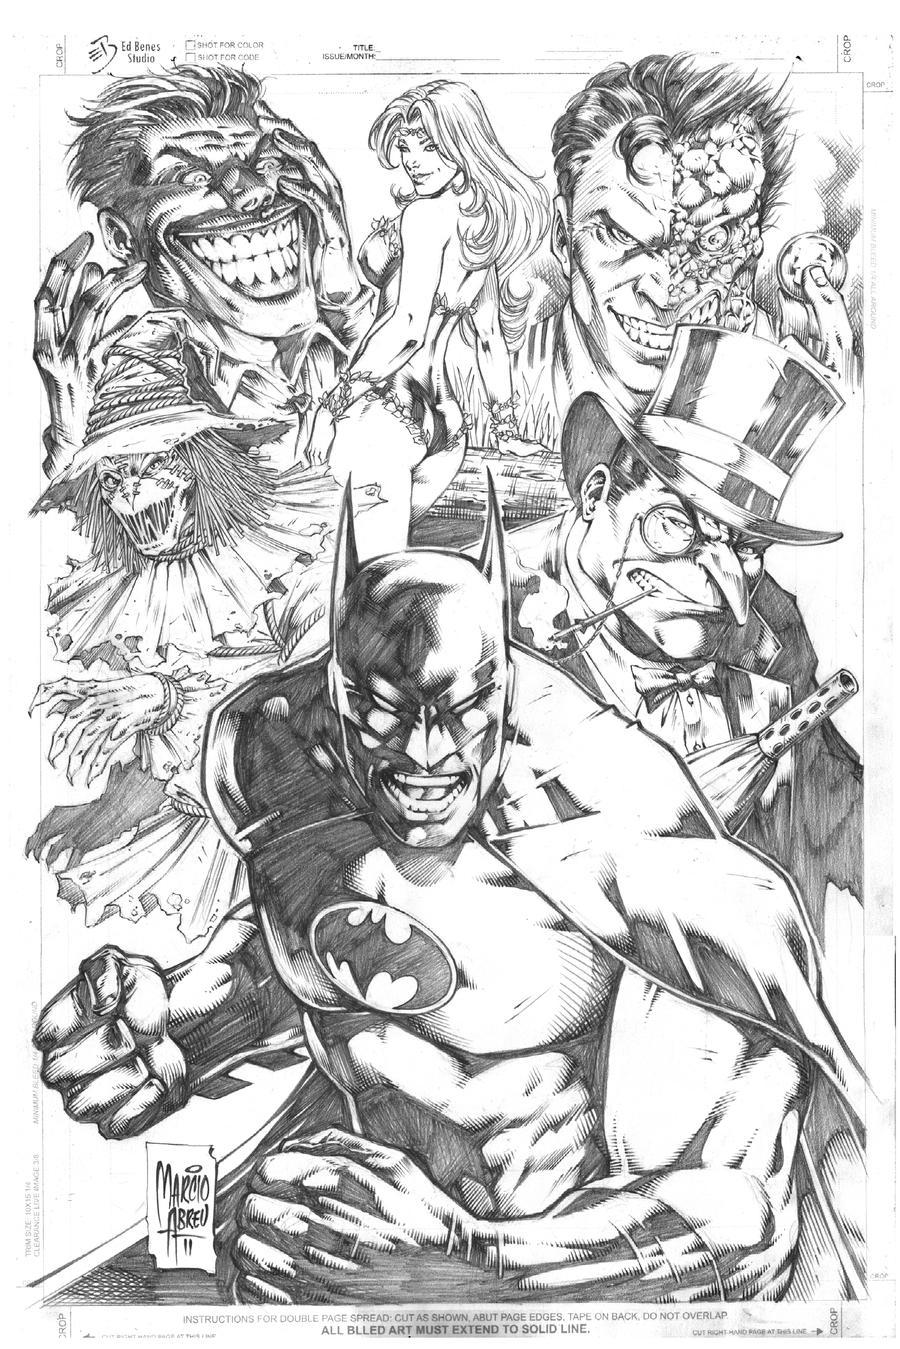 Batman vs Enemies by MARCIOABREU7